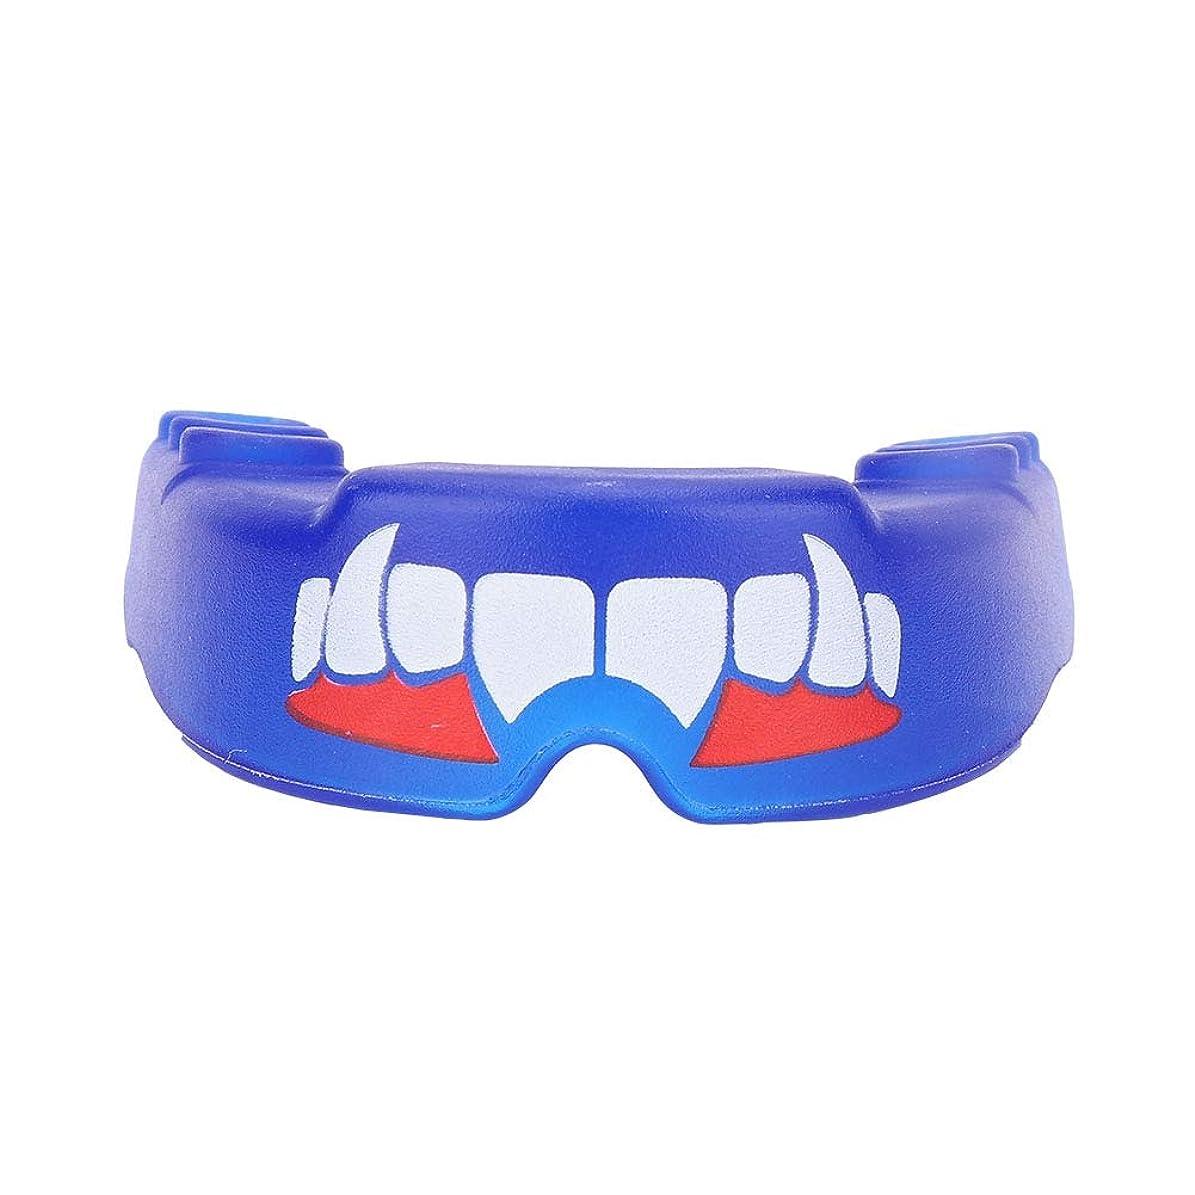 ソフィー批判研究プロフェッショナルマウスガード、口プロテクターボクシング保護ツールあなたの歯の形に最適フットボールバスケットボールラクロスホッケーボクシング柔術(青)